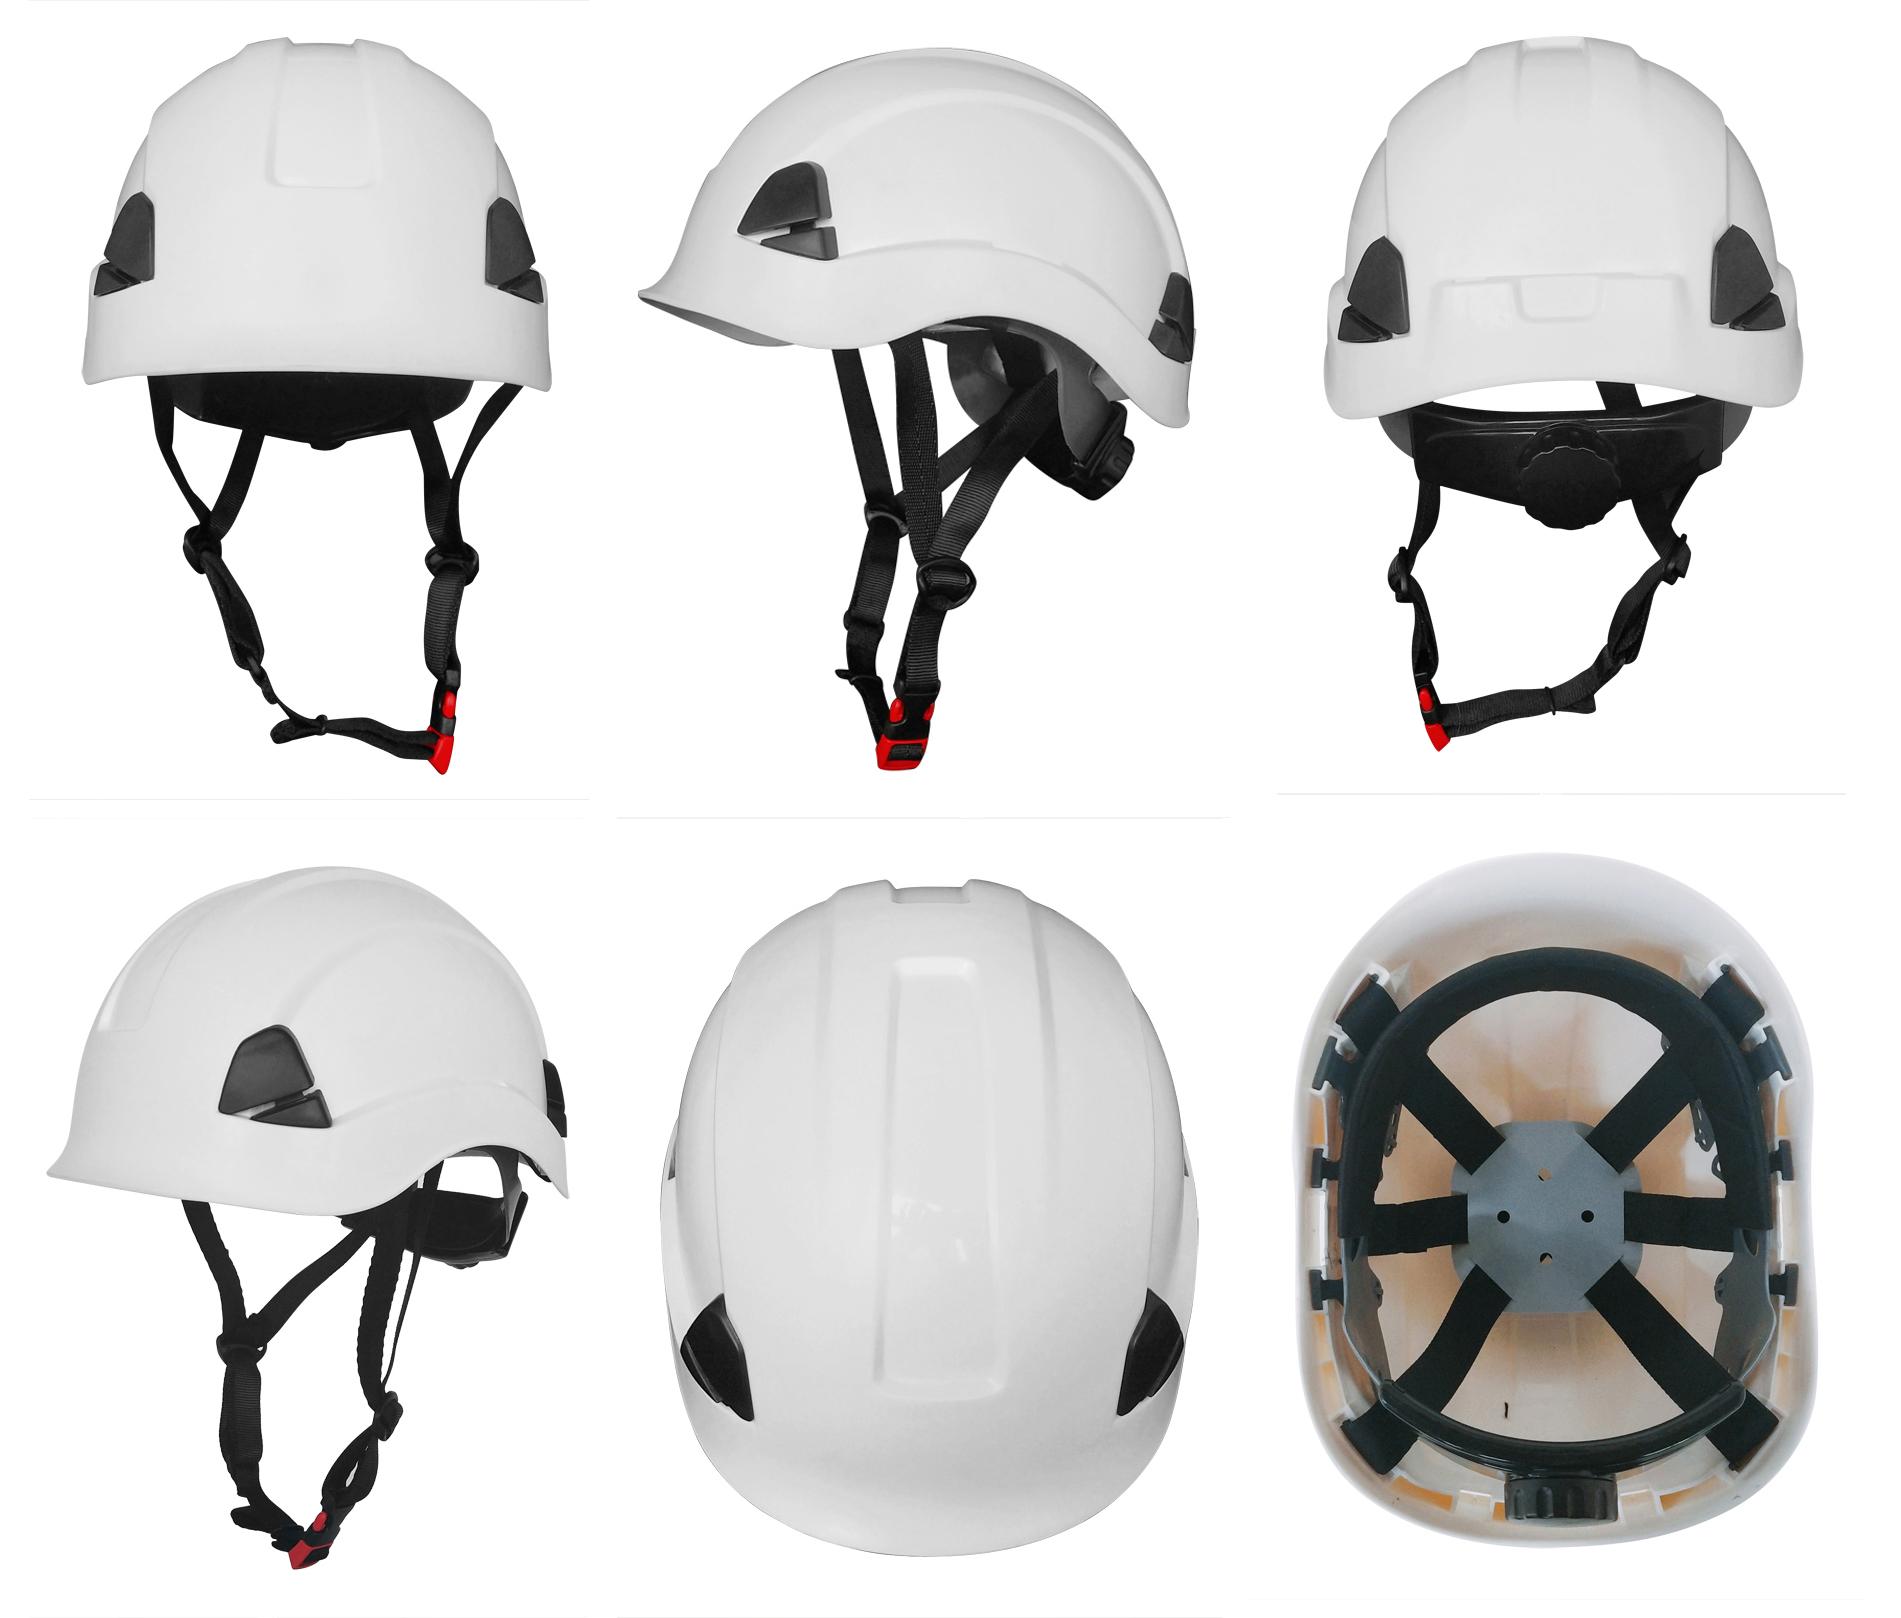 Led Safety Helmet 16